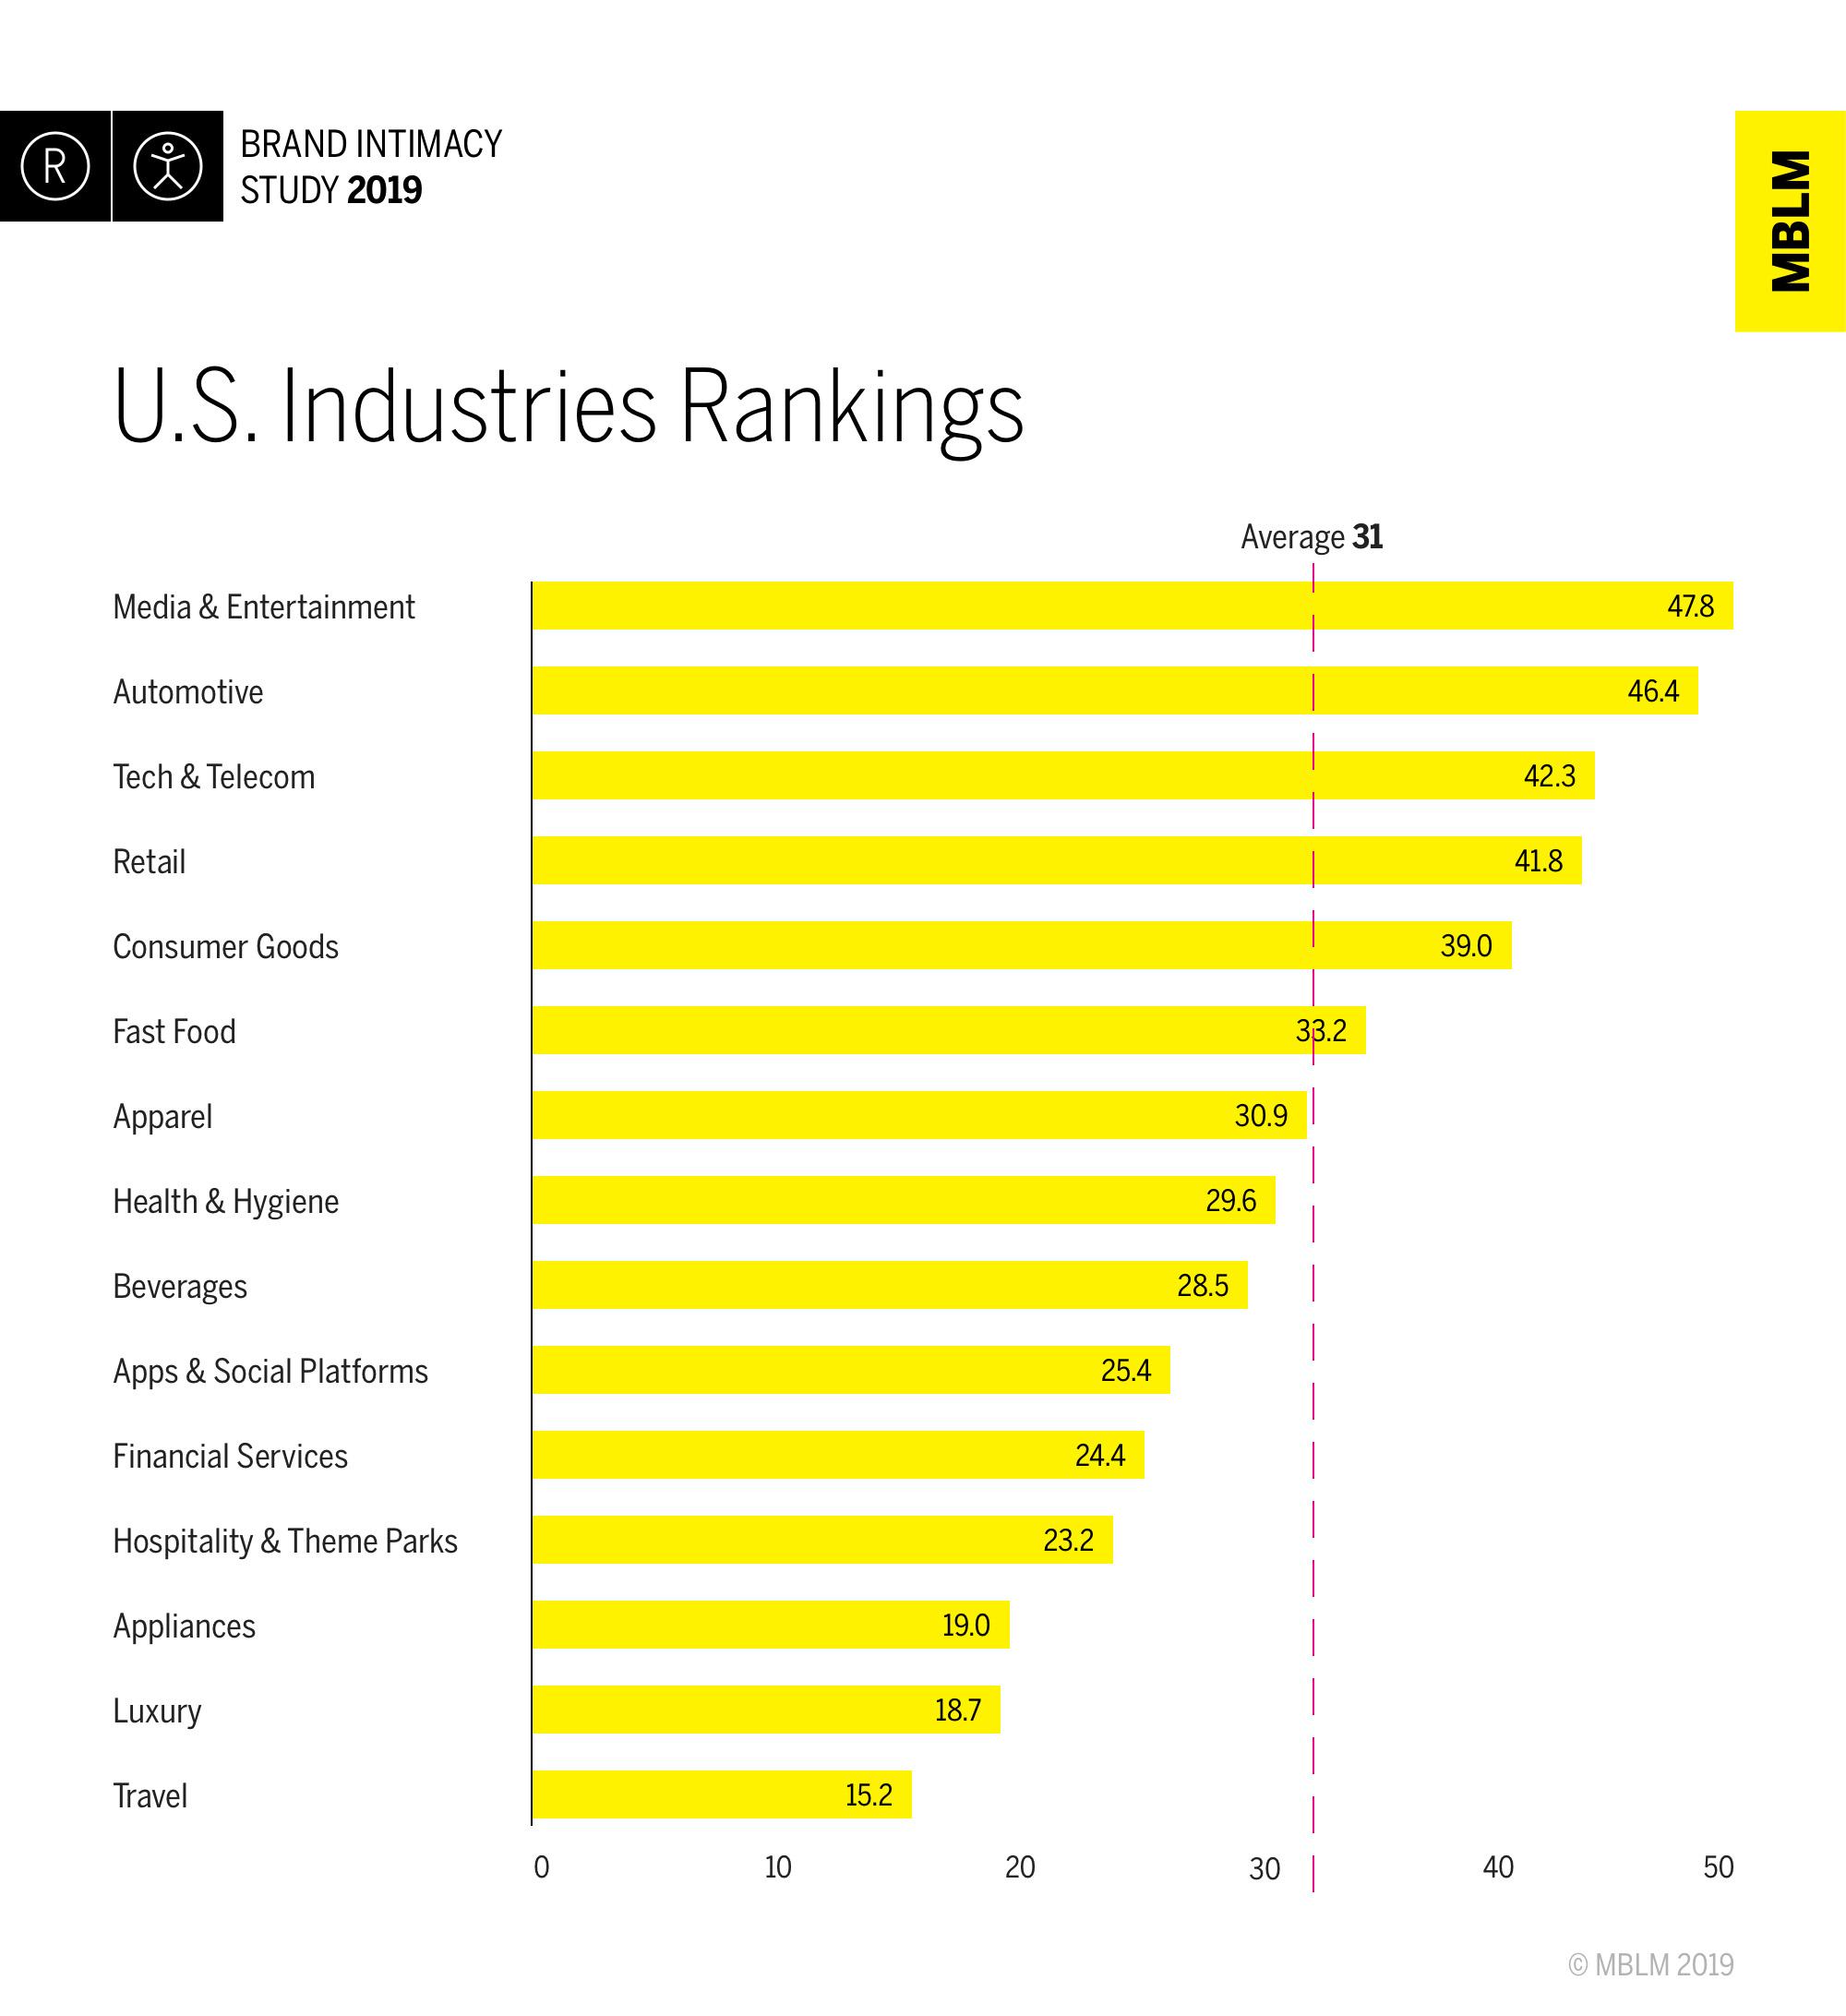 U.S. Industries Rankings